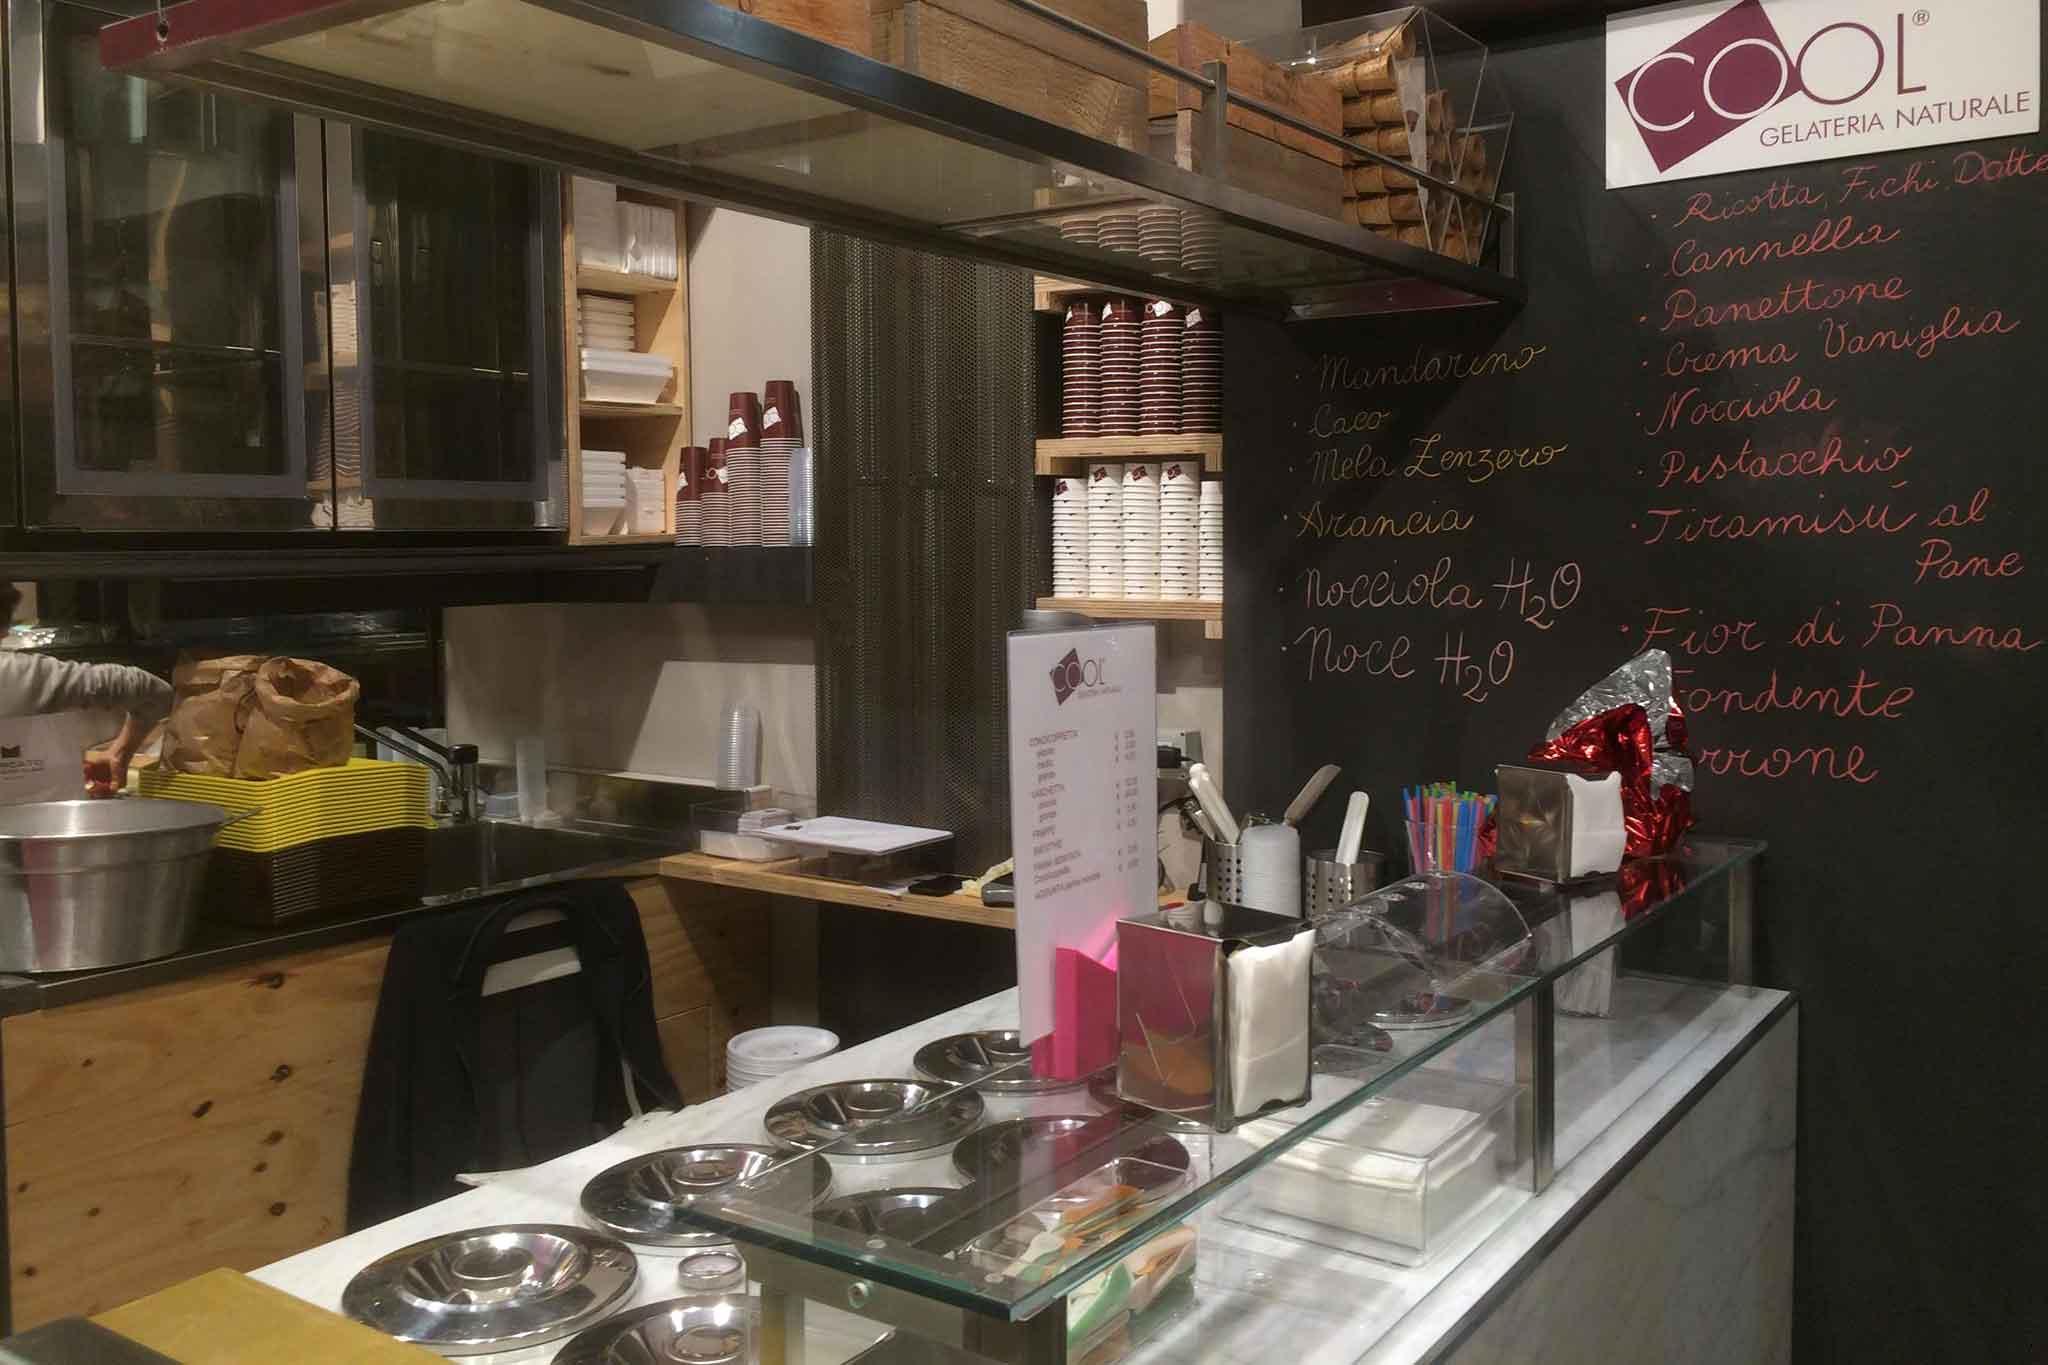 Mercato del Suffragio Milano gelateria cool